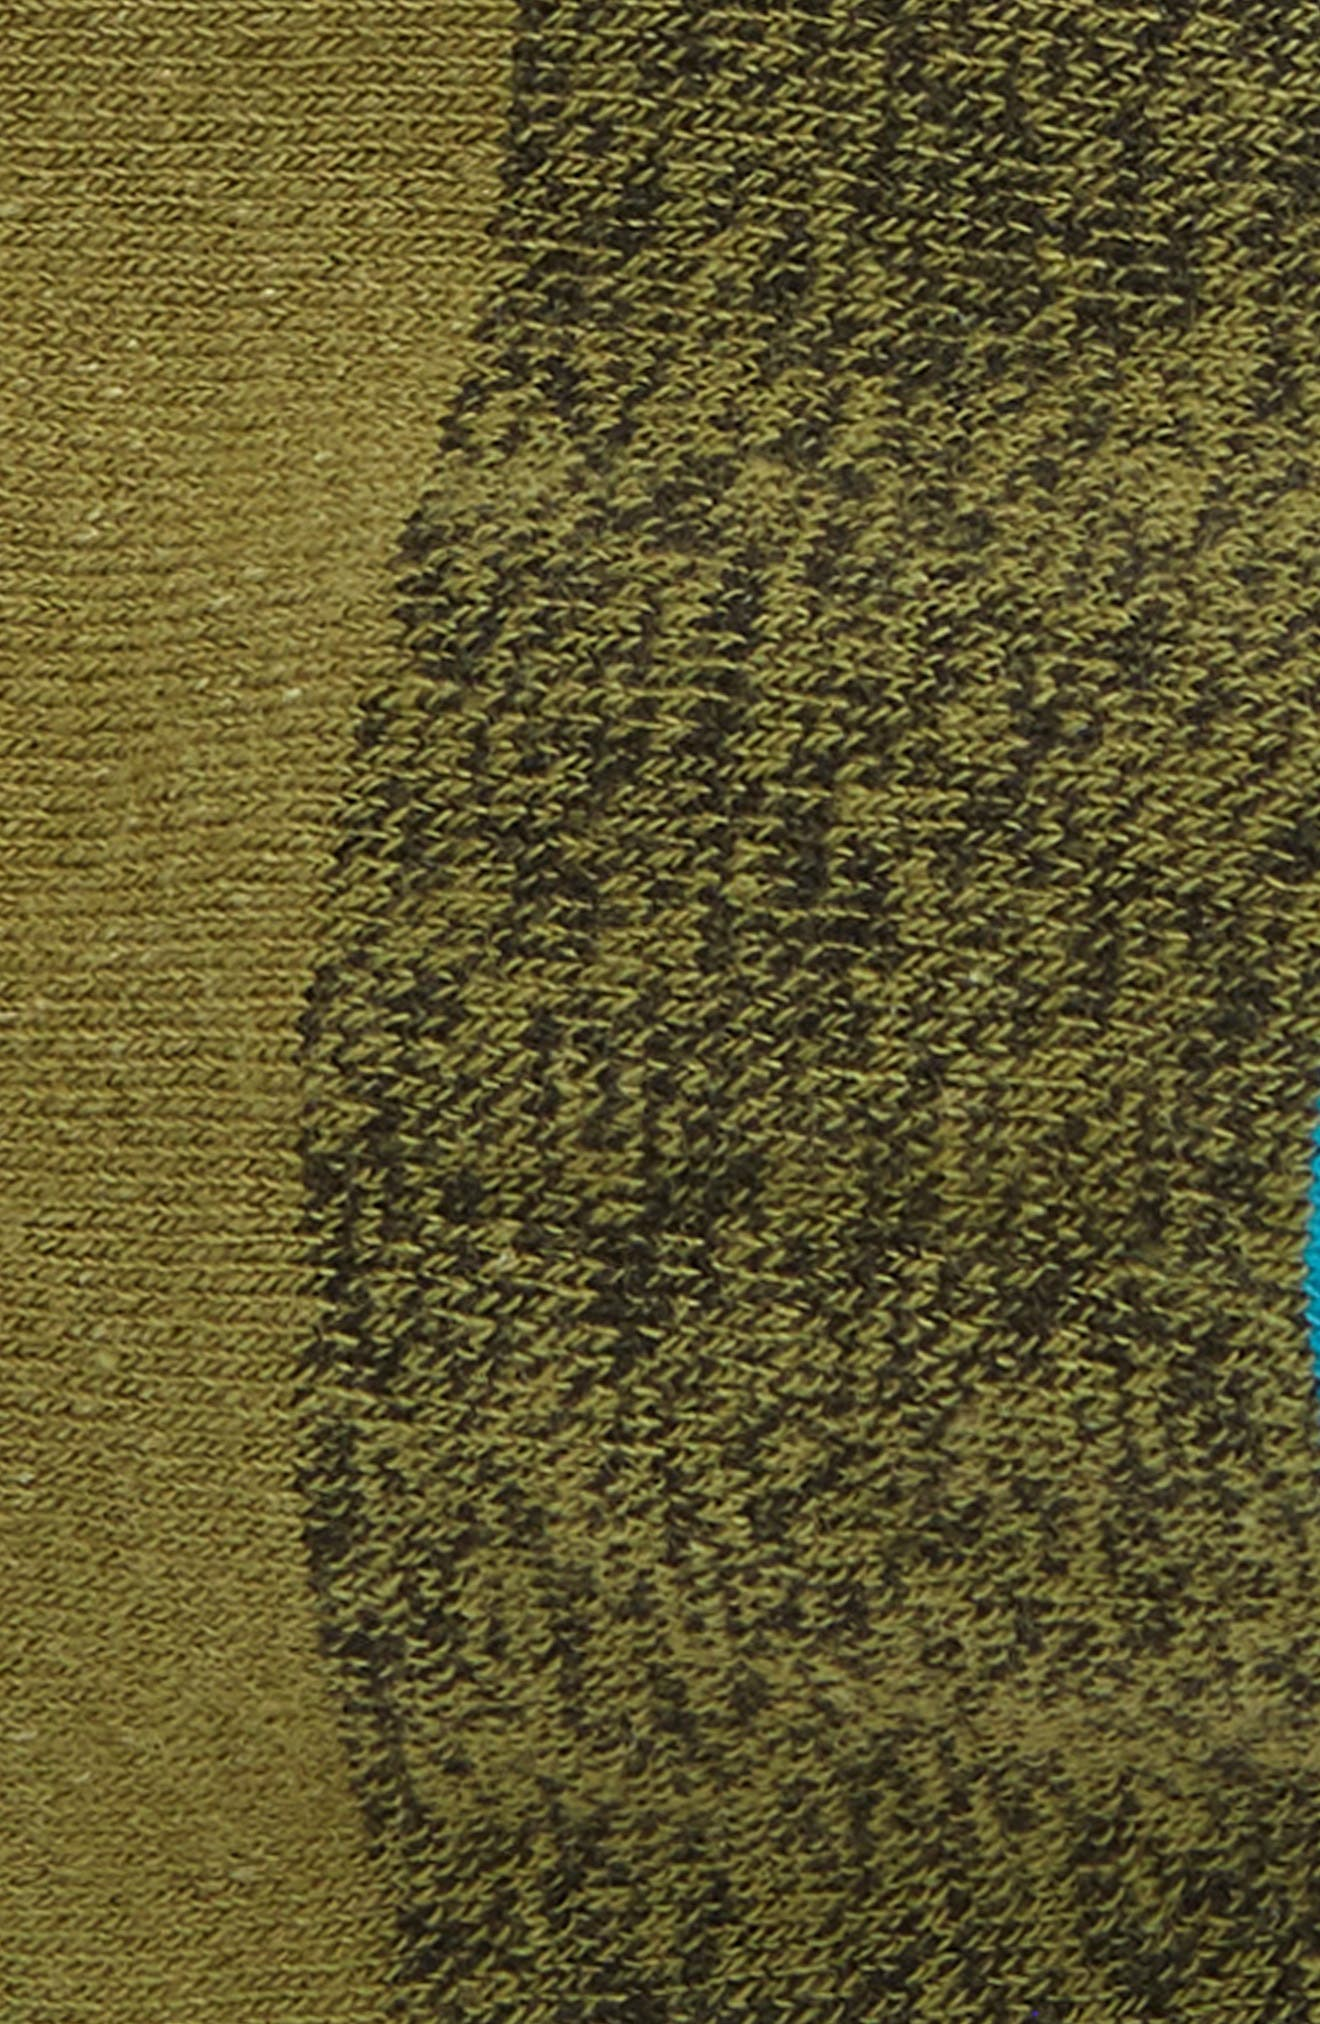 Gamut Liner Socks,                             Alternate thumbnail 2, color,                             OLIVE